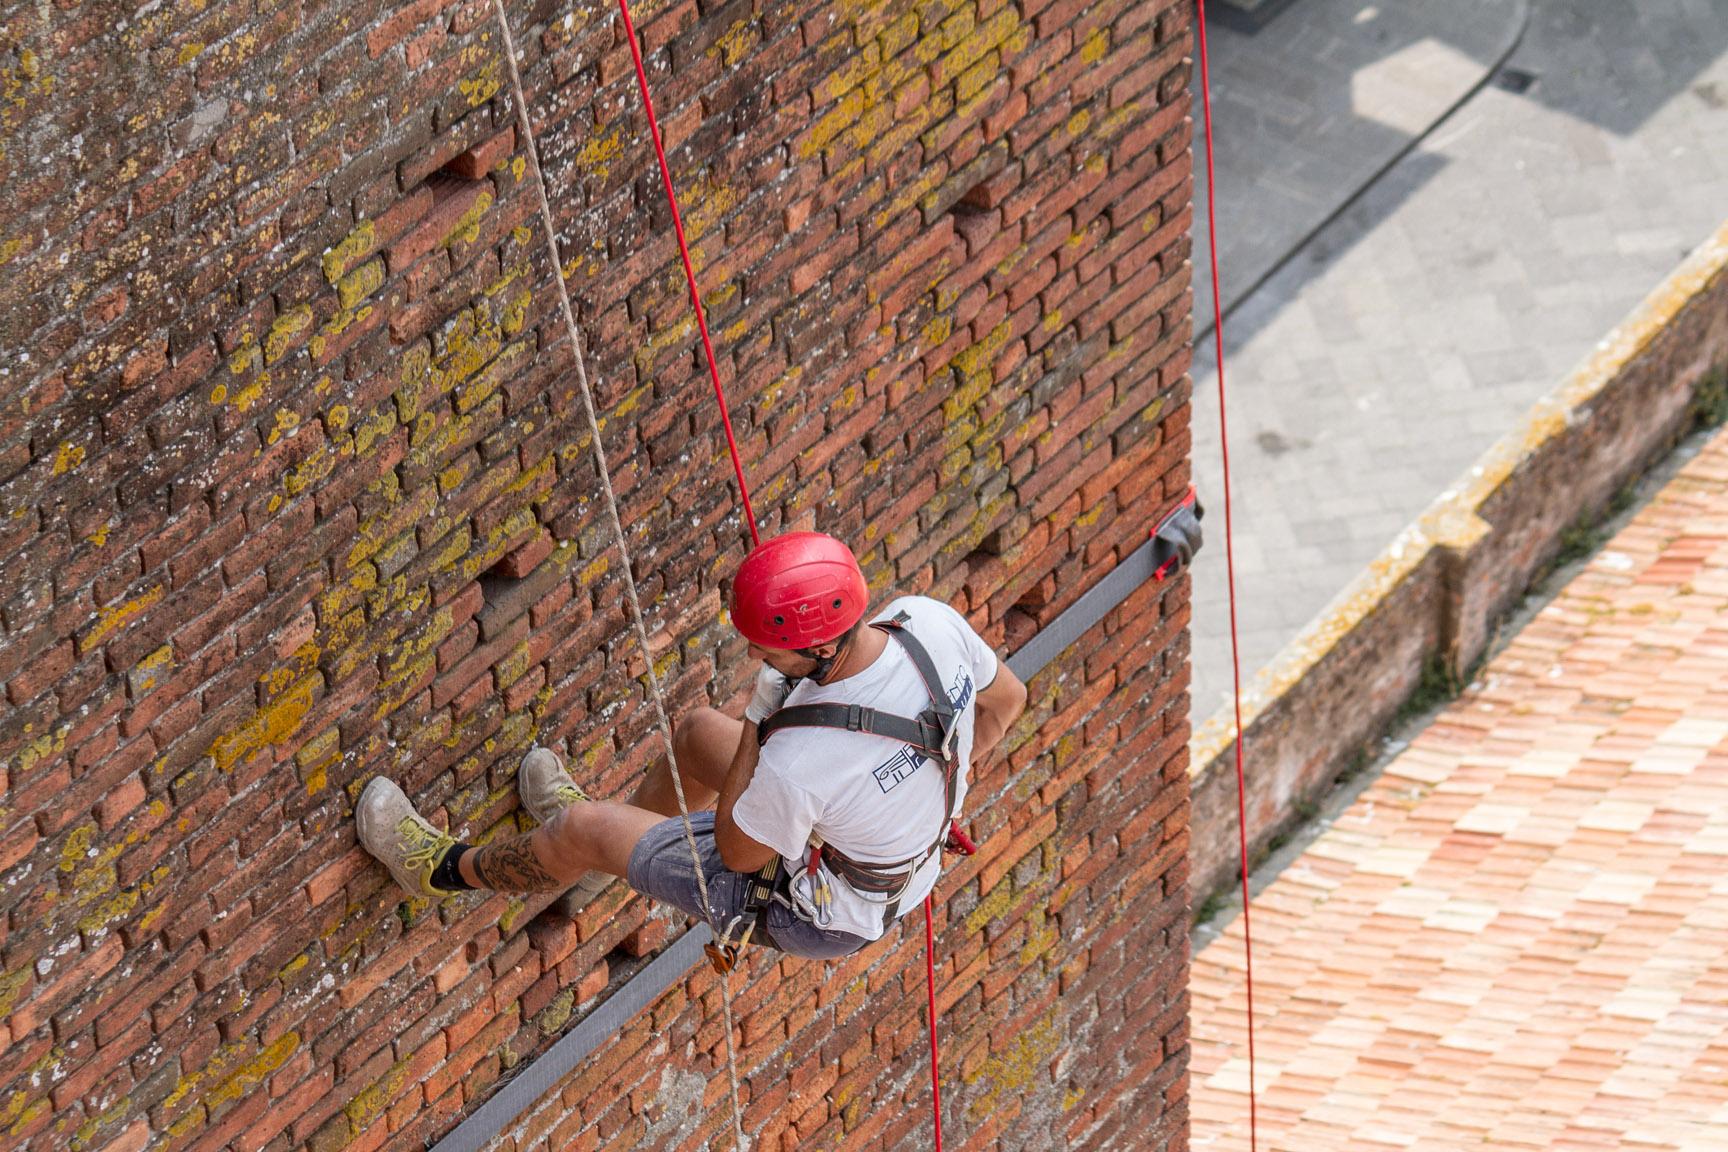 Gli operai della ditta edile Formento Restauri sono specializzati in restauri in quota, su fune, senza utilizzo di impalcature.